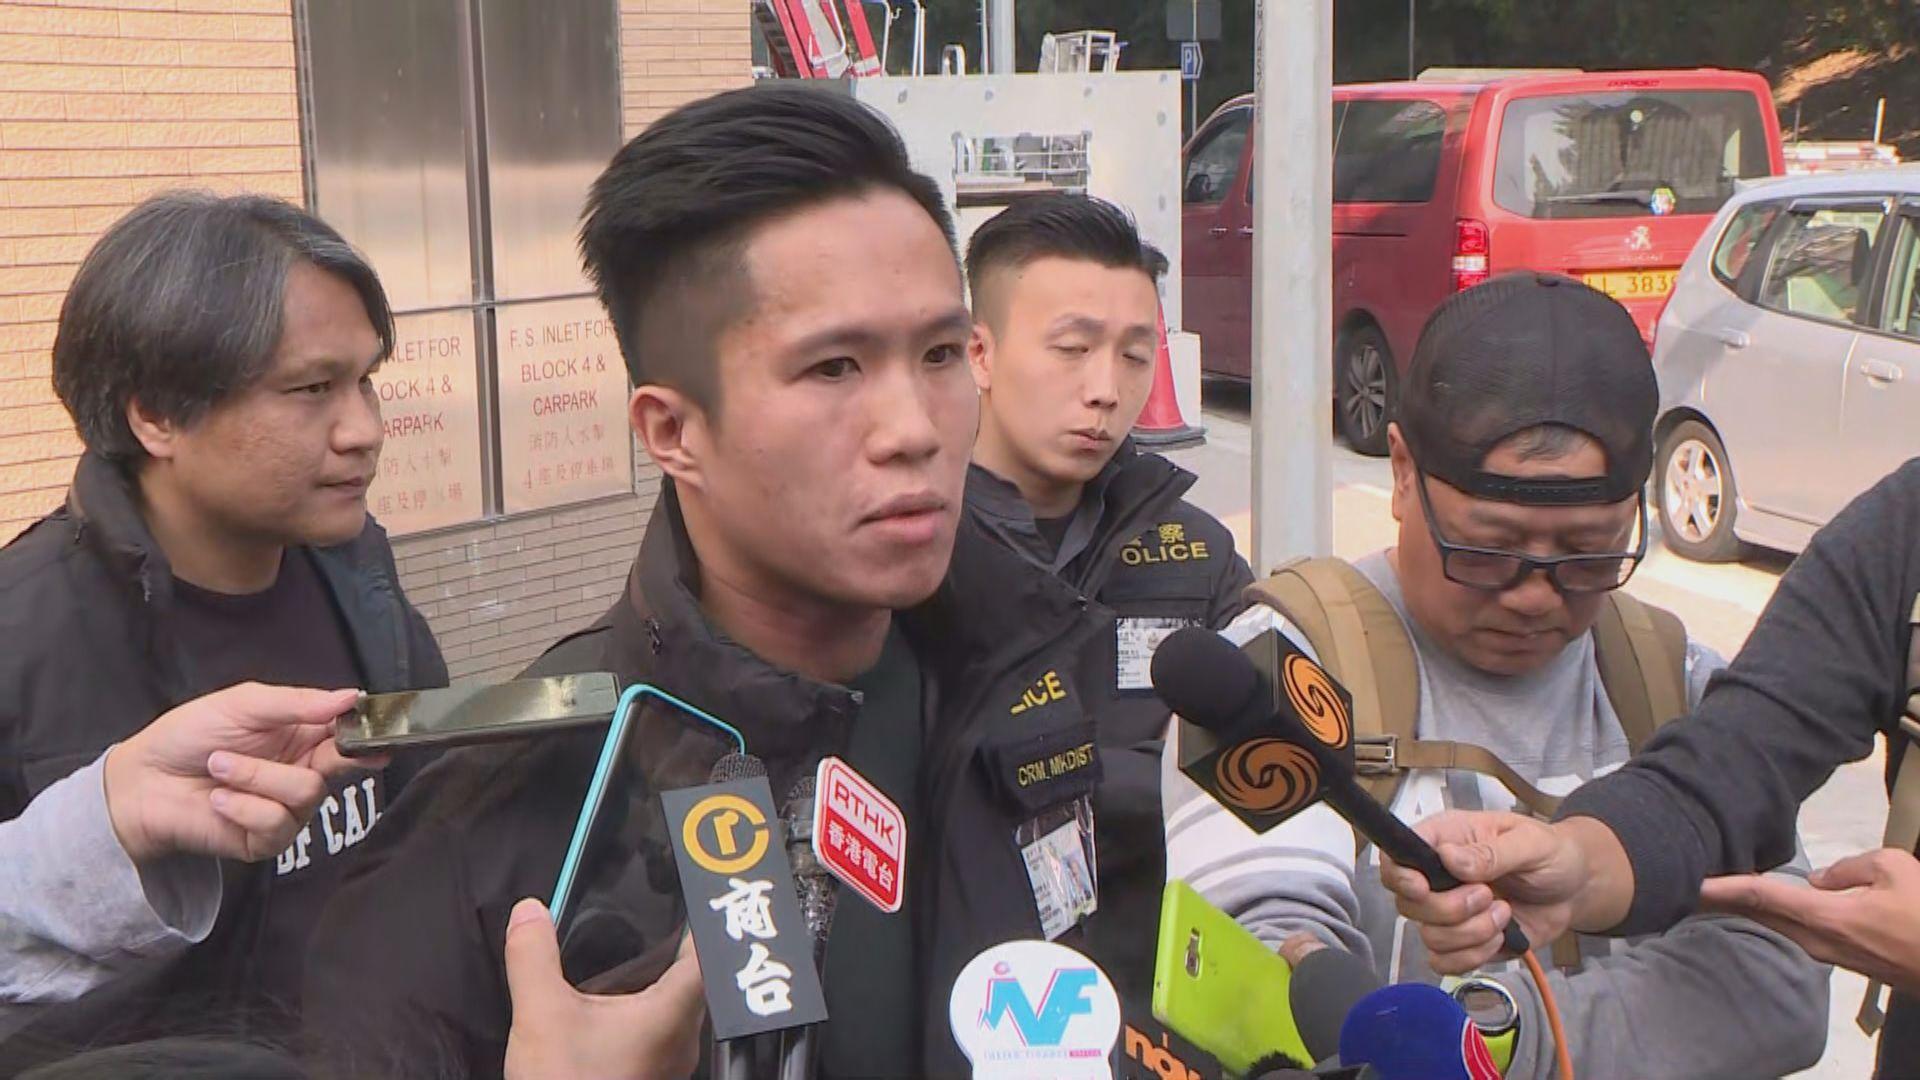 警方未正面回應劫案上升是否與疏於巡邏有關